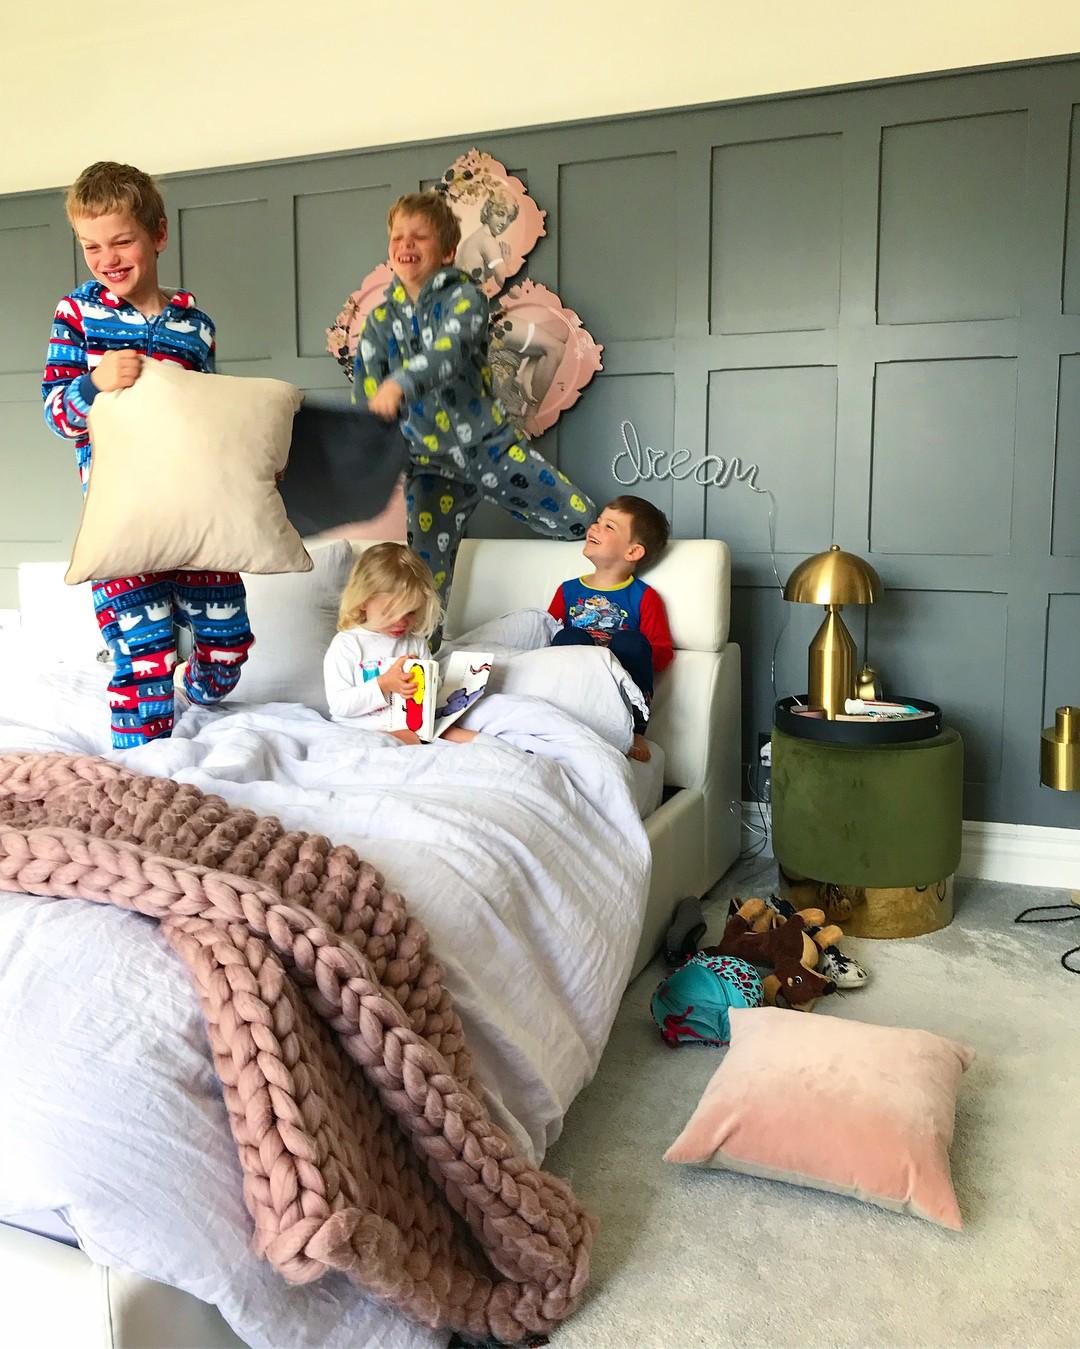 A blogueira, de 40 anos, acumulou 70 mil seguidores, graças as fotos da sua casa de cinco quartos incrivelmente decorados (Foto: Reprodução / Instagram)